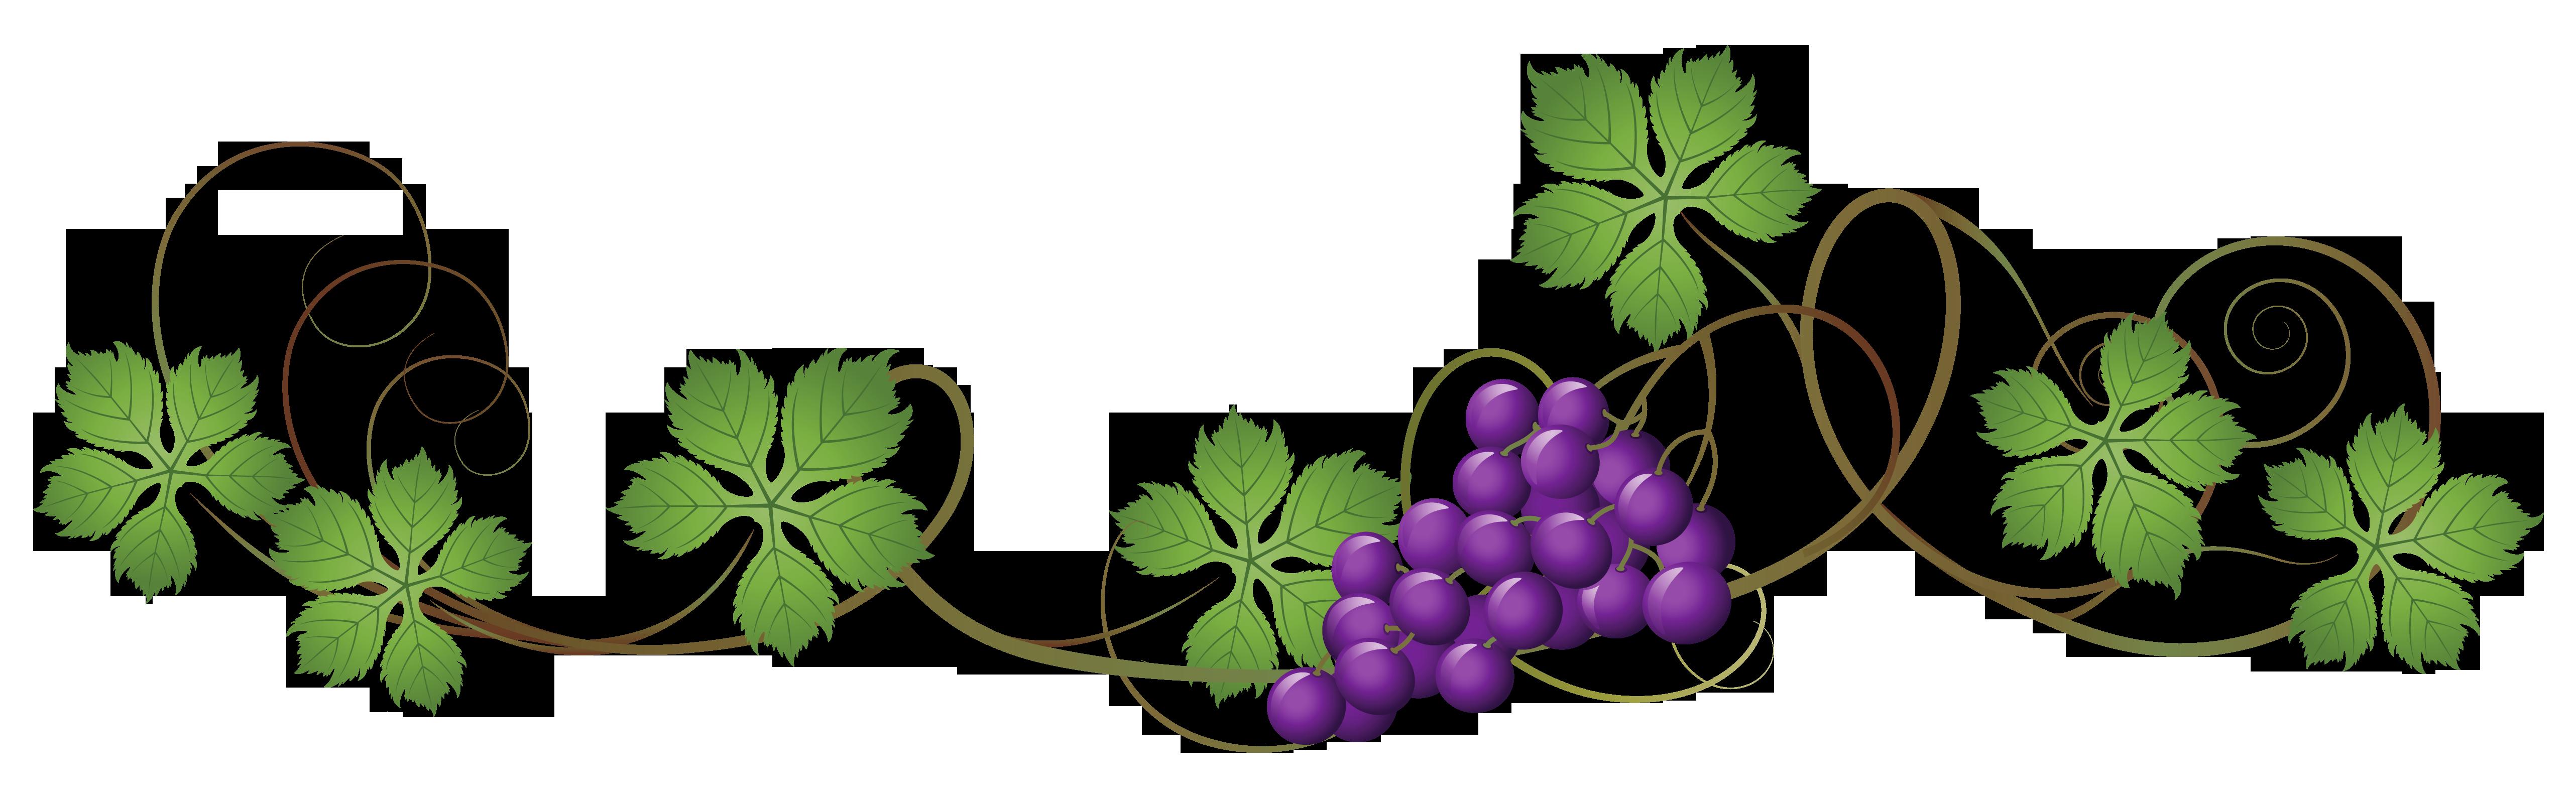 Vine decoration png picture. Vines clipart divider